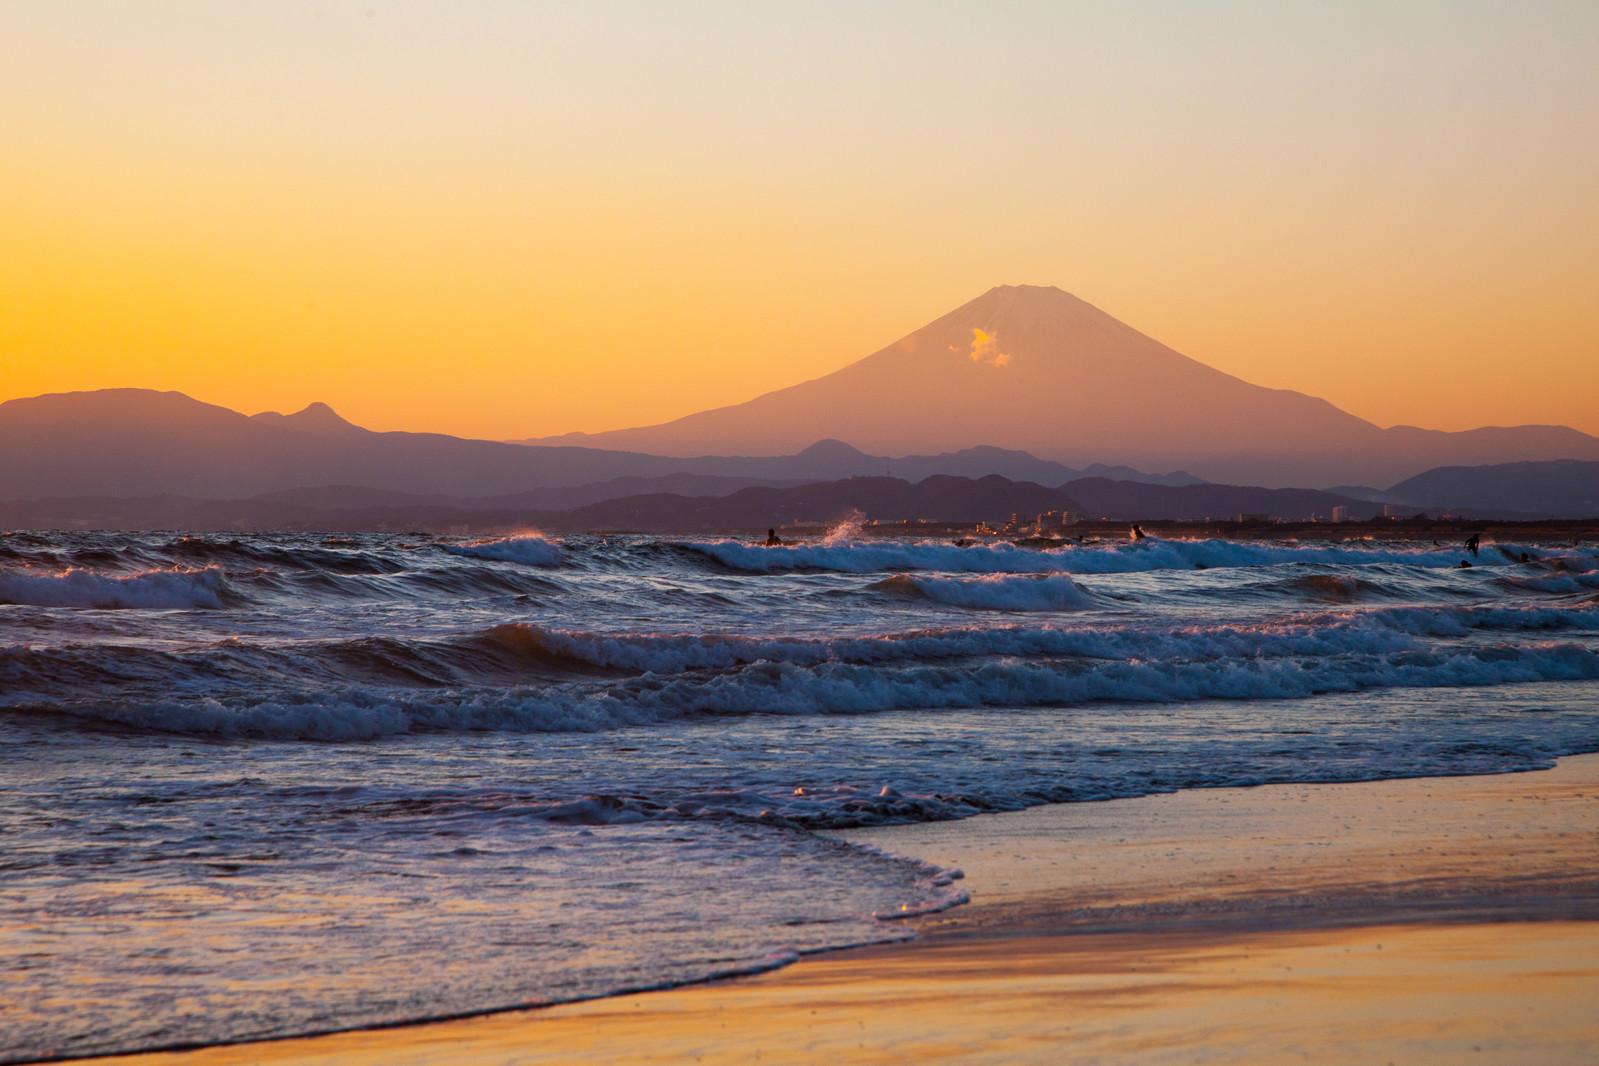 押し寄せる波と富士の山.jpg